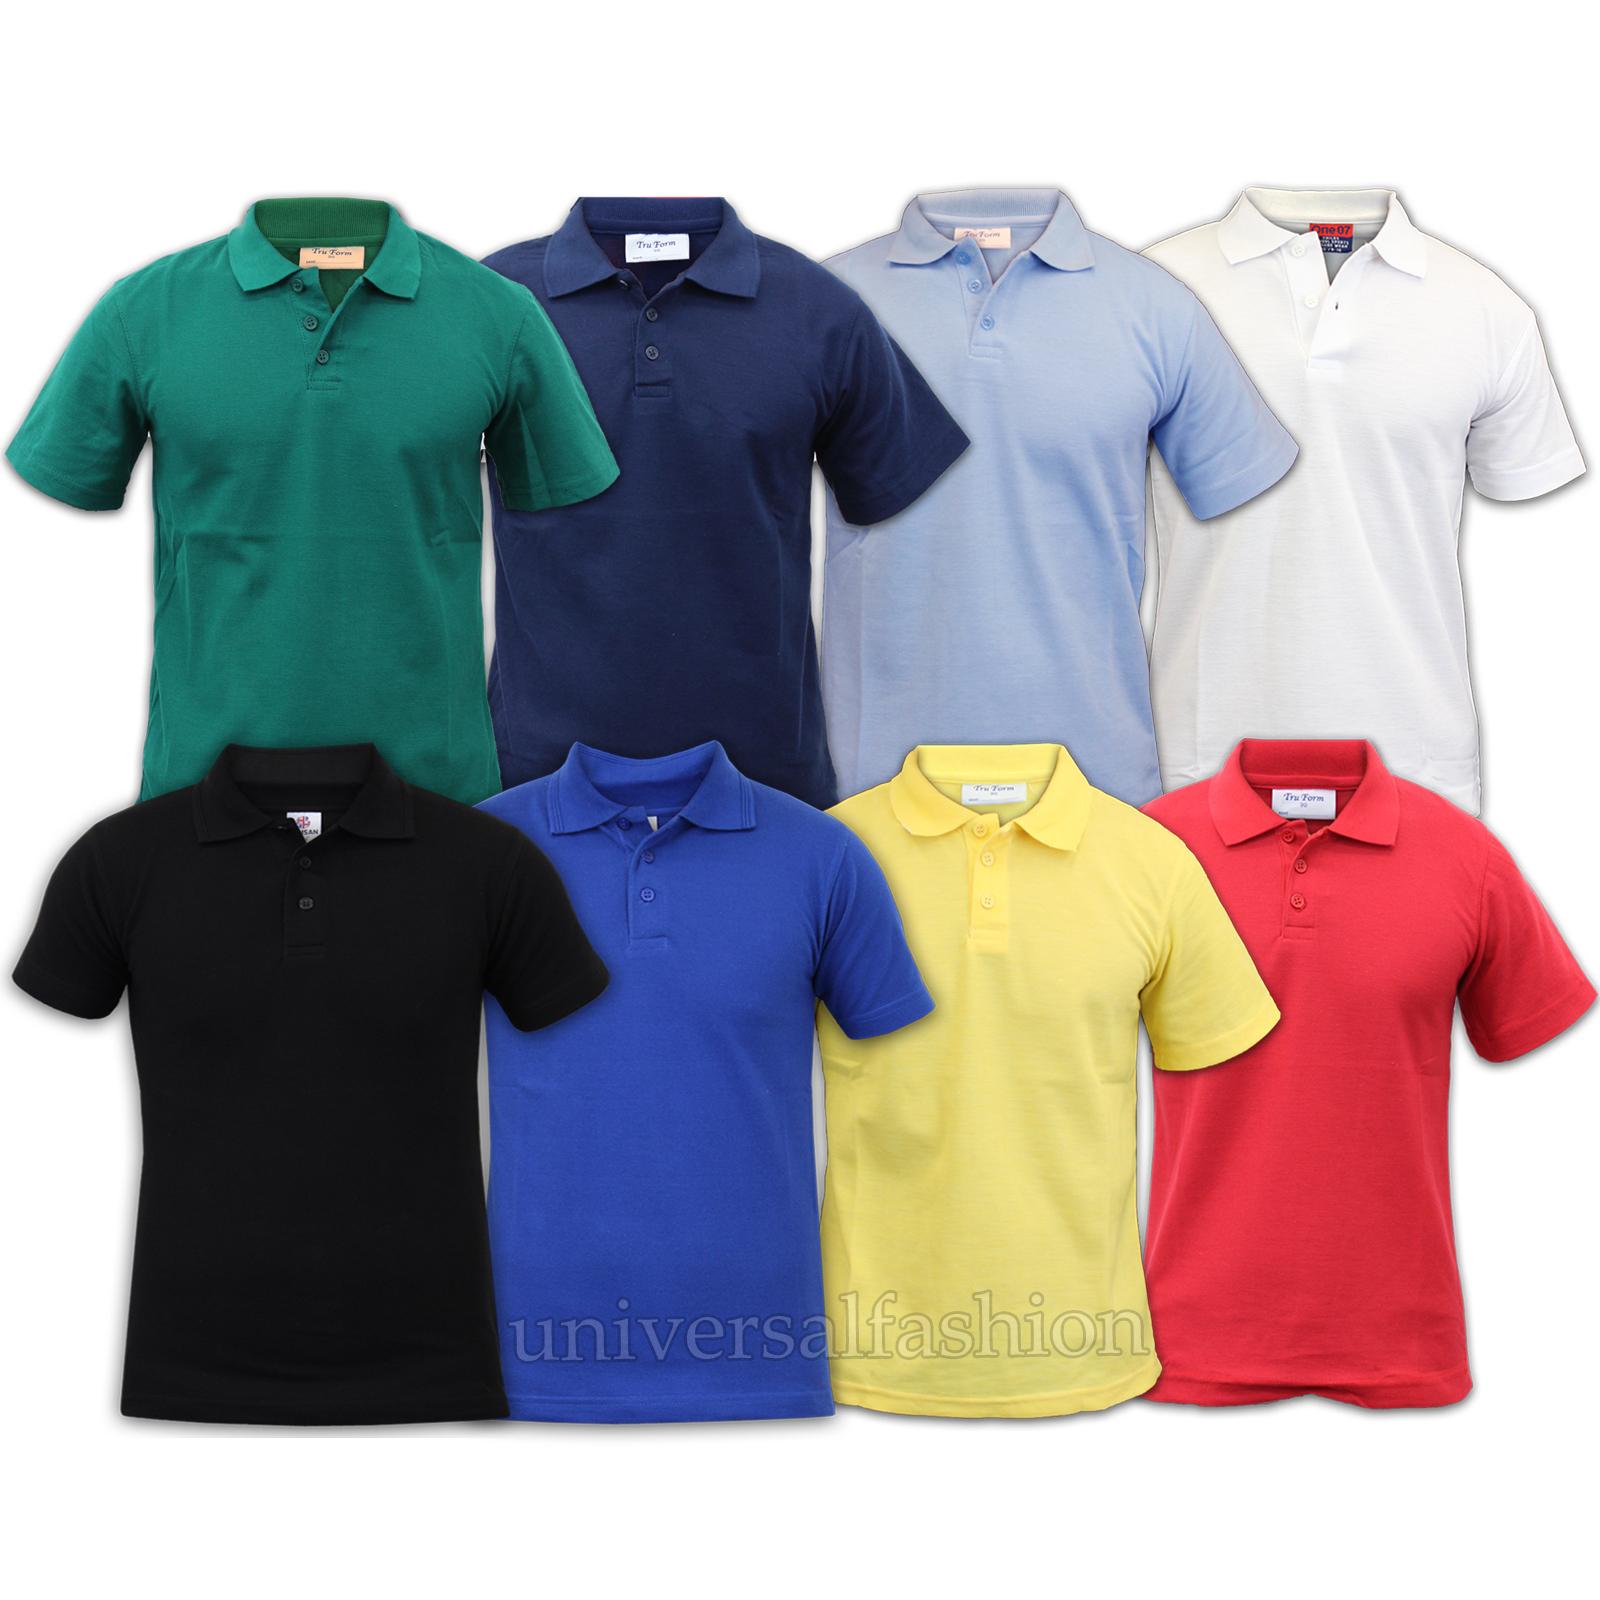 5a57e2b8 Boys Polo T Shirt School Uniform Pique Kids Children Short Sleeved ...